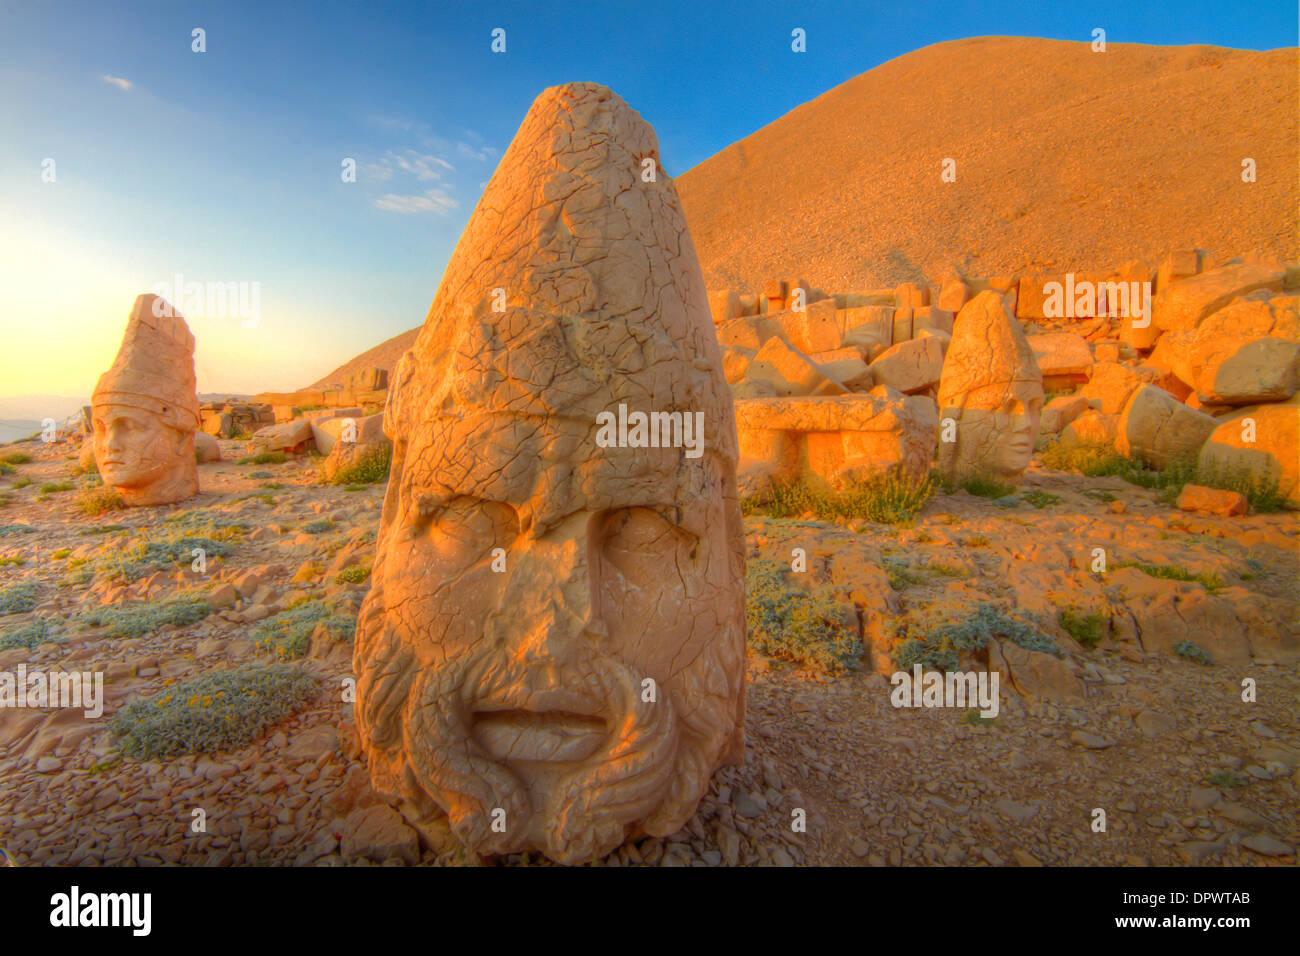 Zeus enorme escultura Mt. Parque Nacional Nemrut Turquía antiguos restos de más de 2000 años de cultura Imagen De Stock